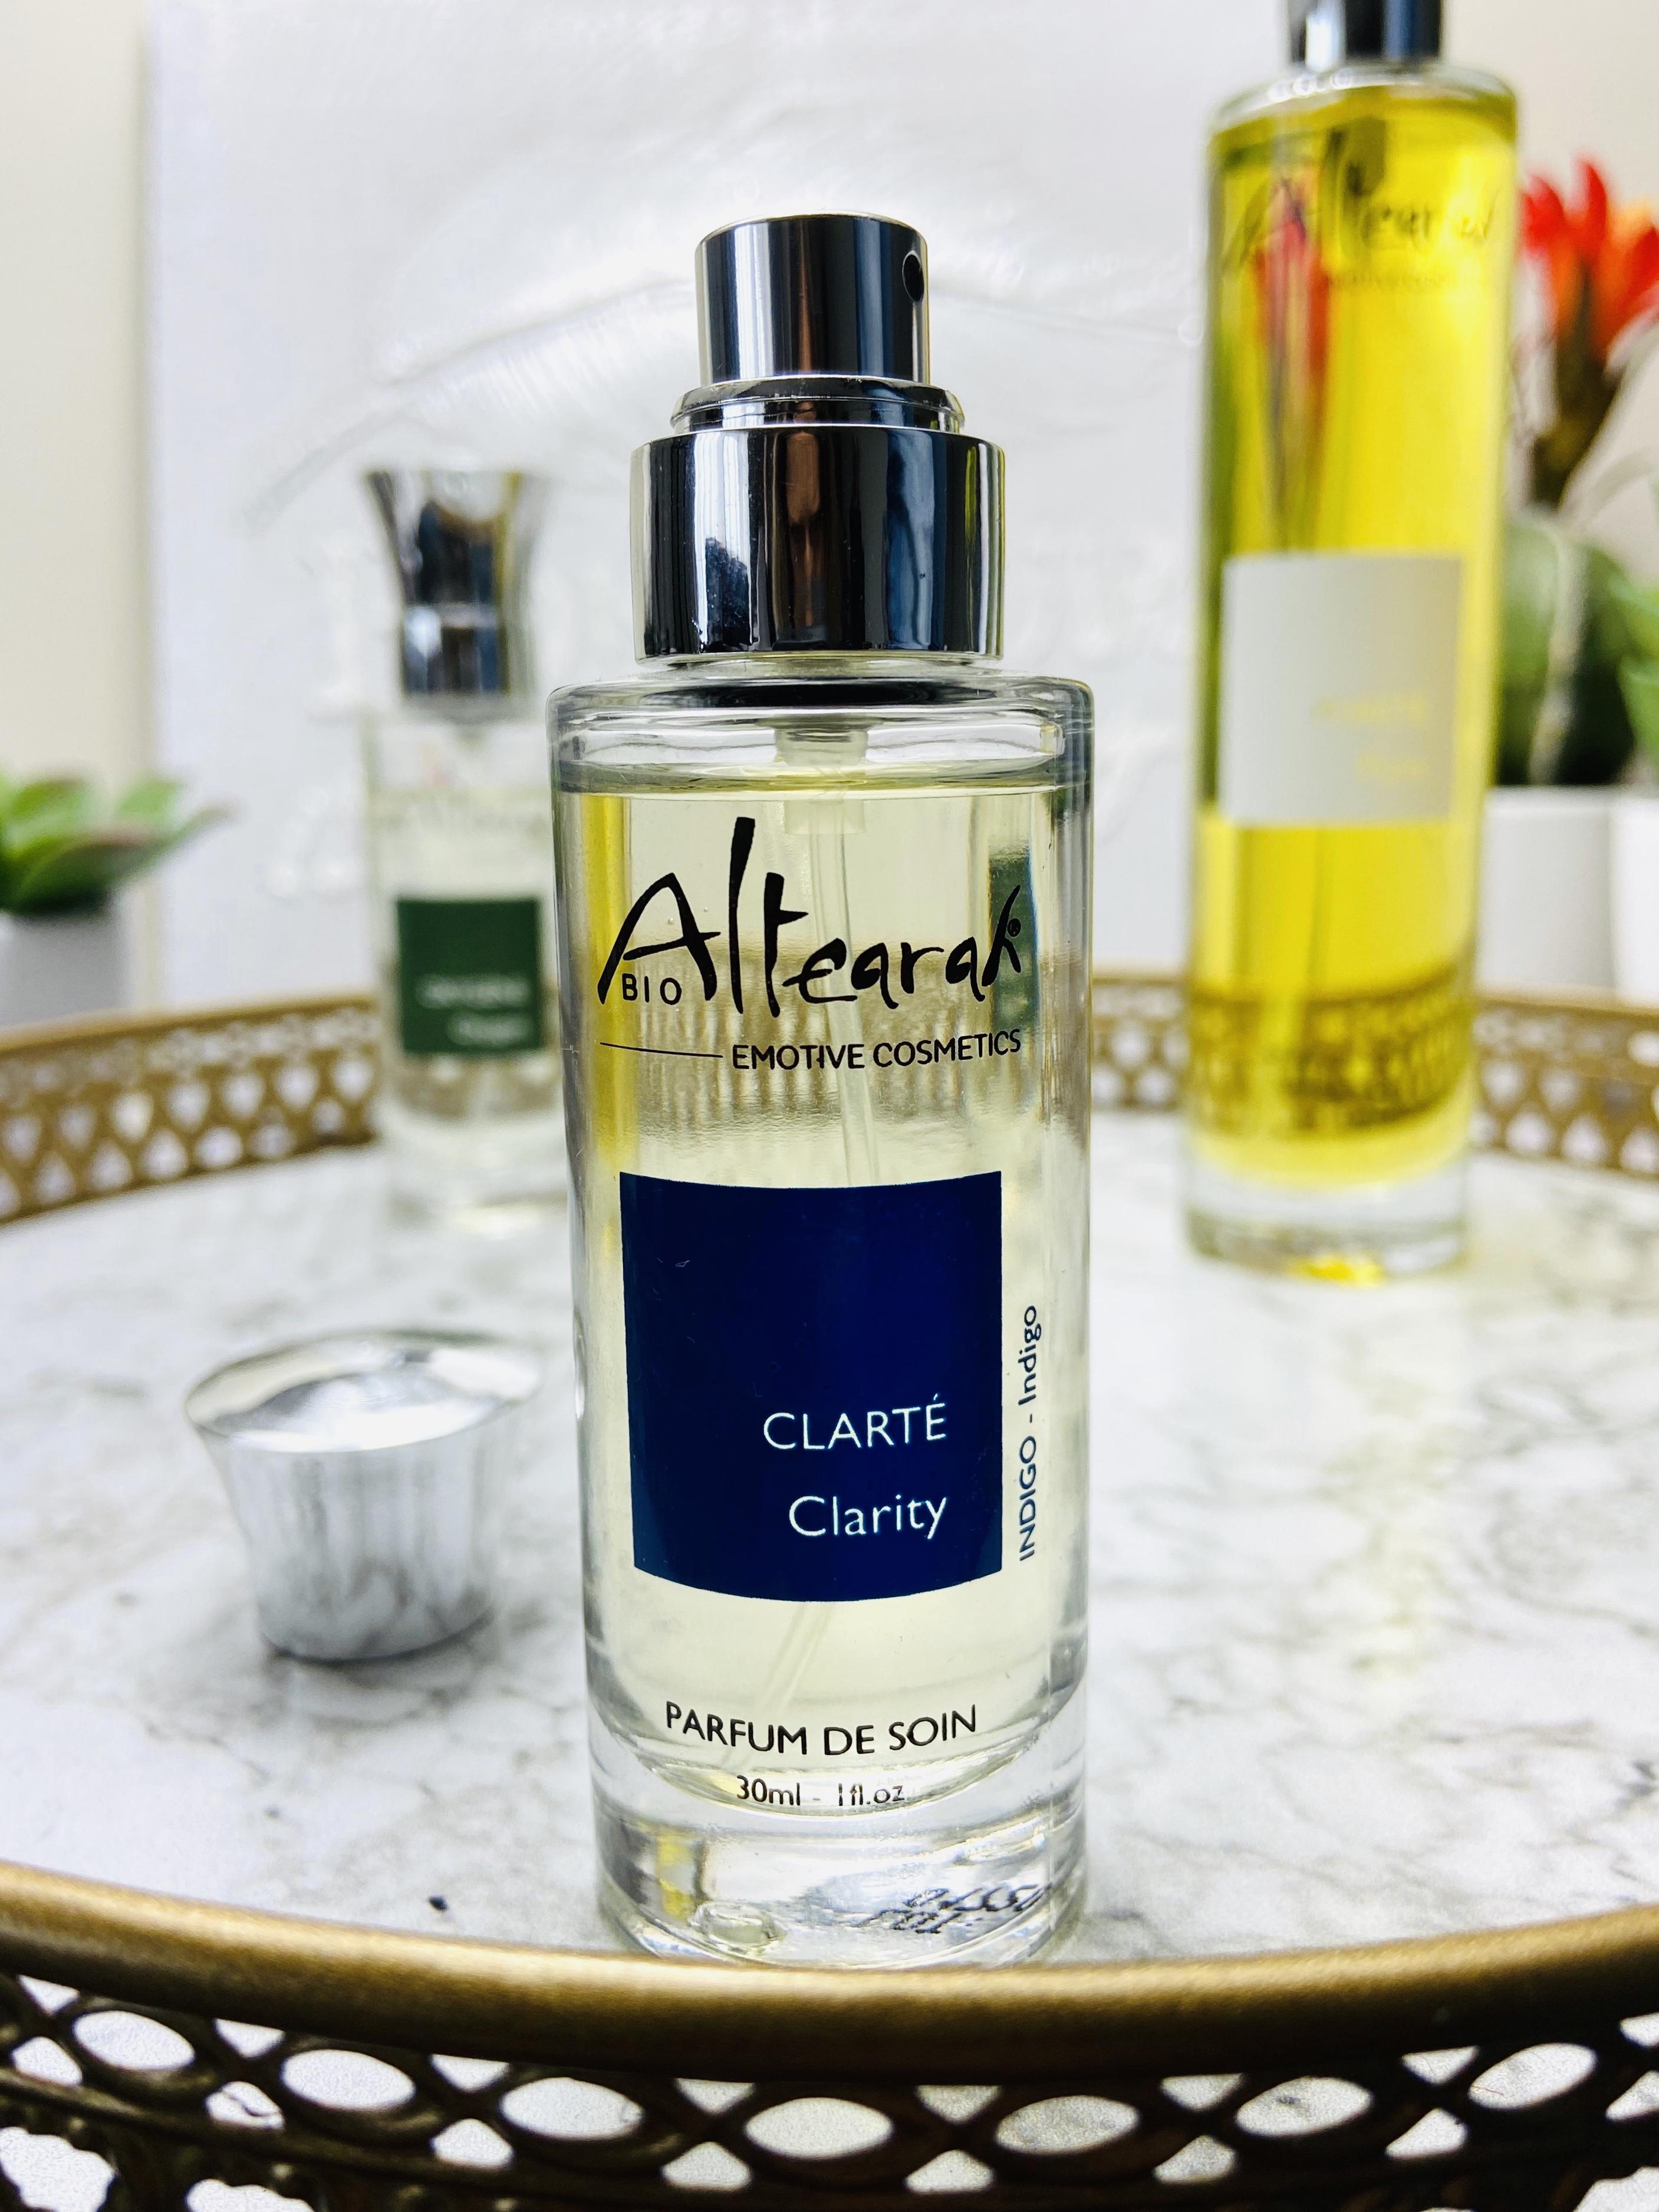 parfum-de-soin-bien-etre-altearah-bio-